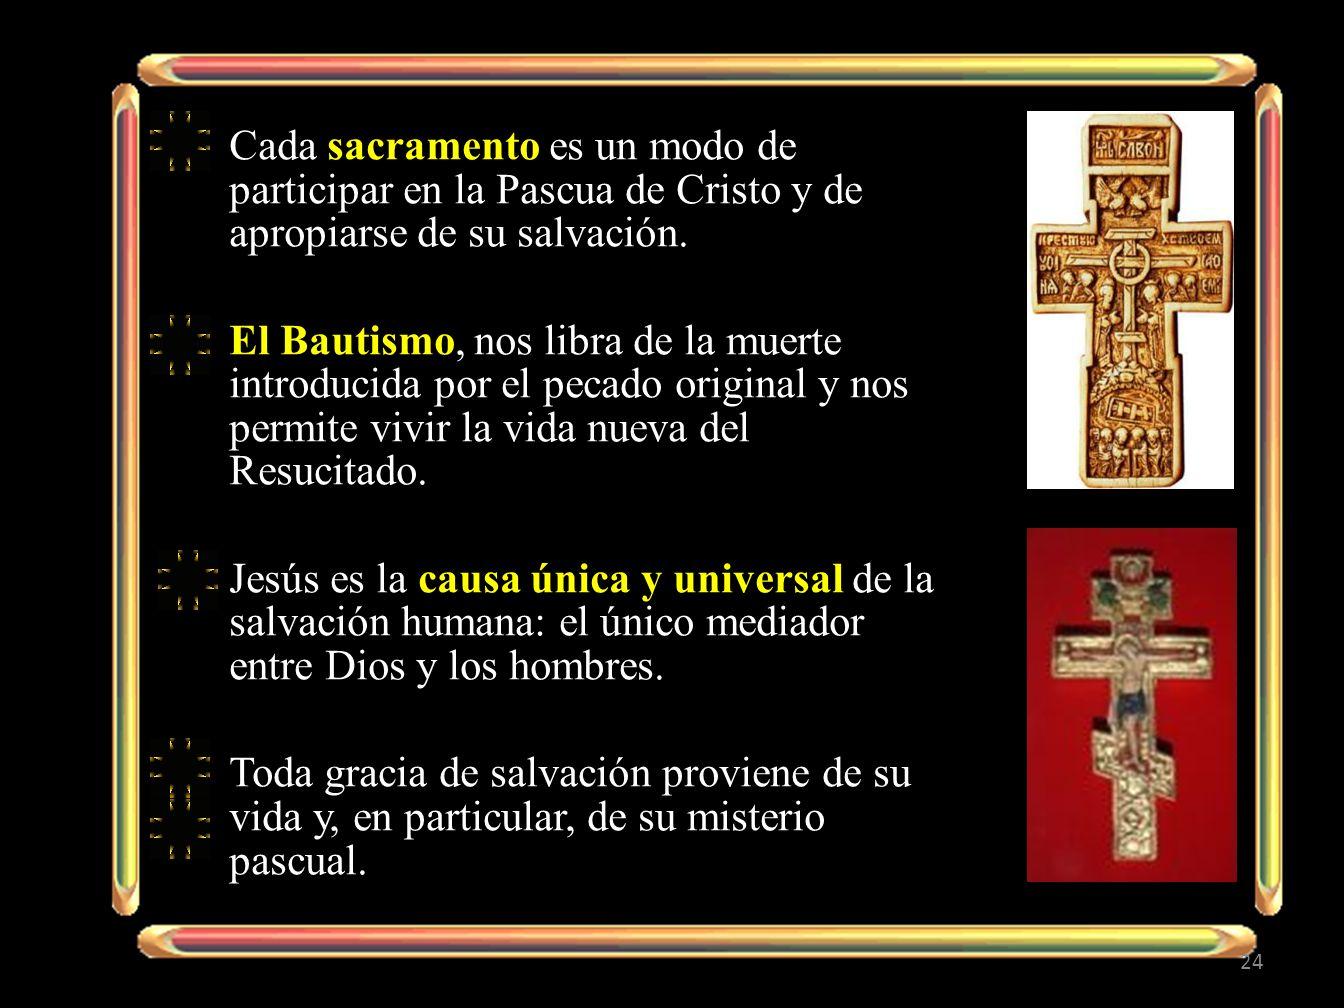 Cada sacramento es un modo de participar en la Pascua de Cristo y de apropiarse de su salvación.